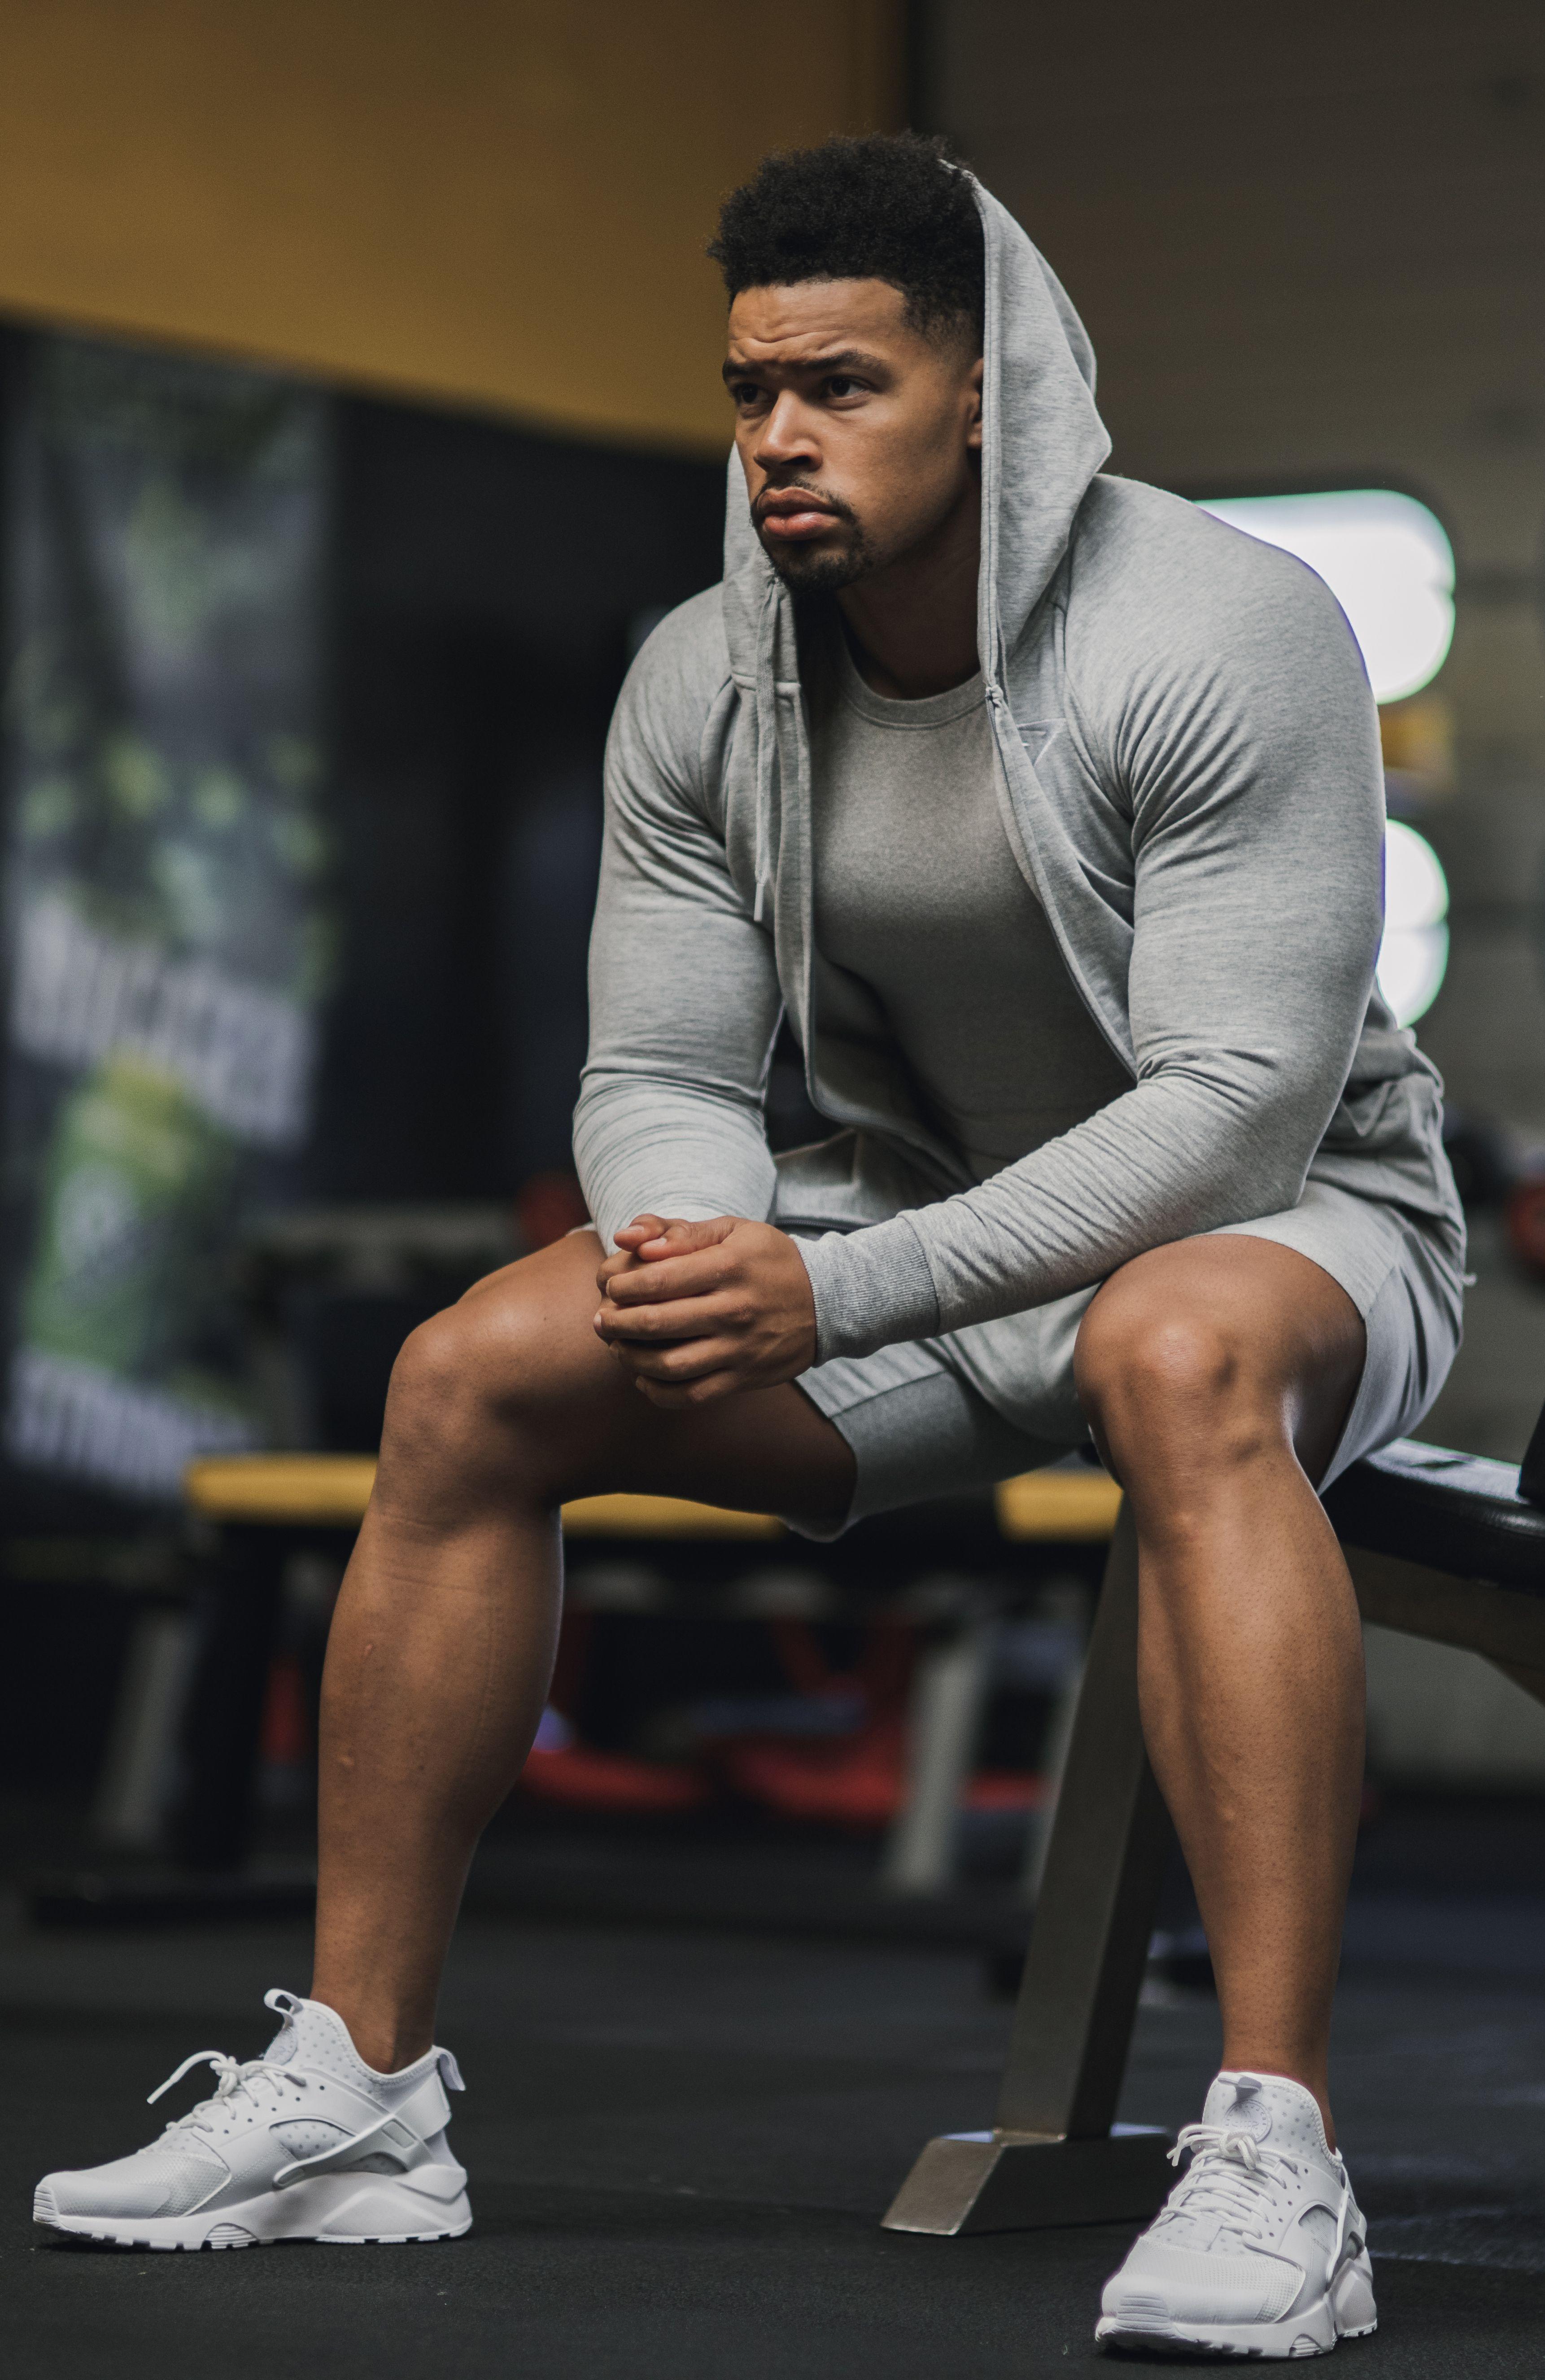 gay guys in gym gear